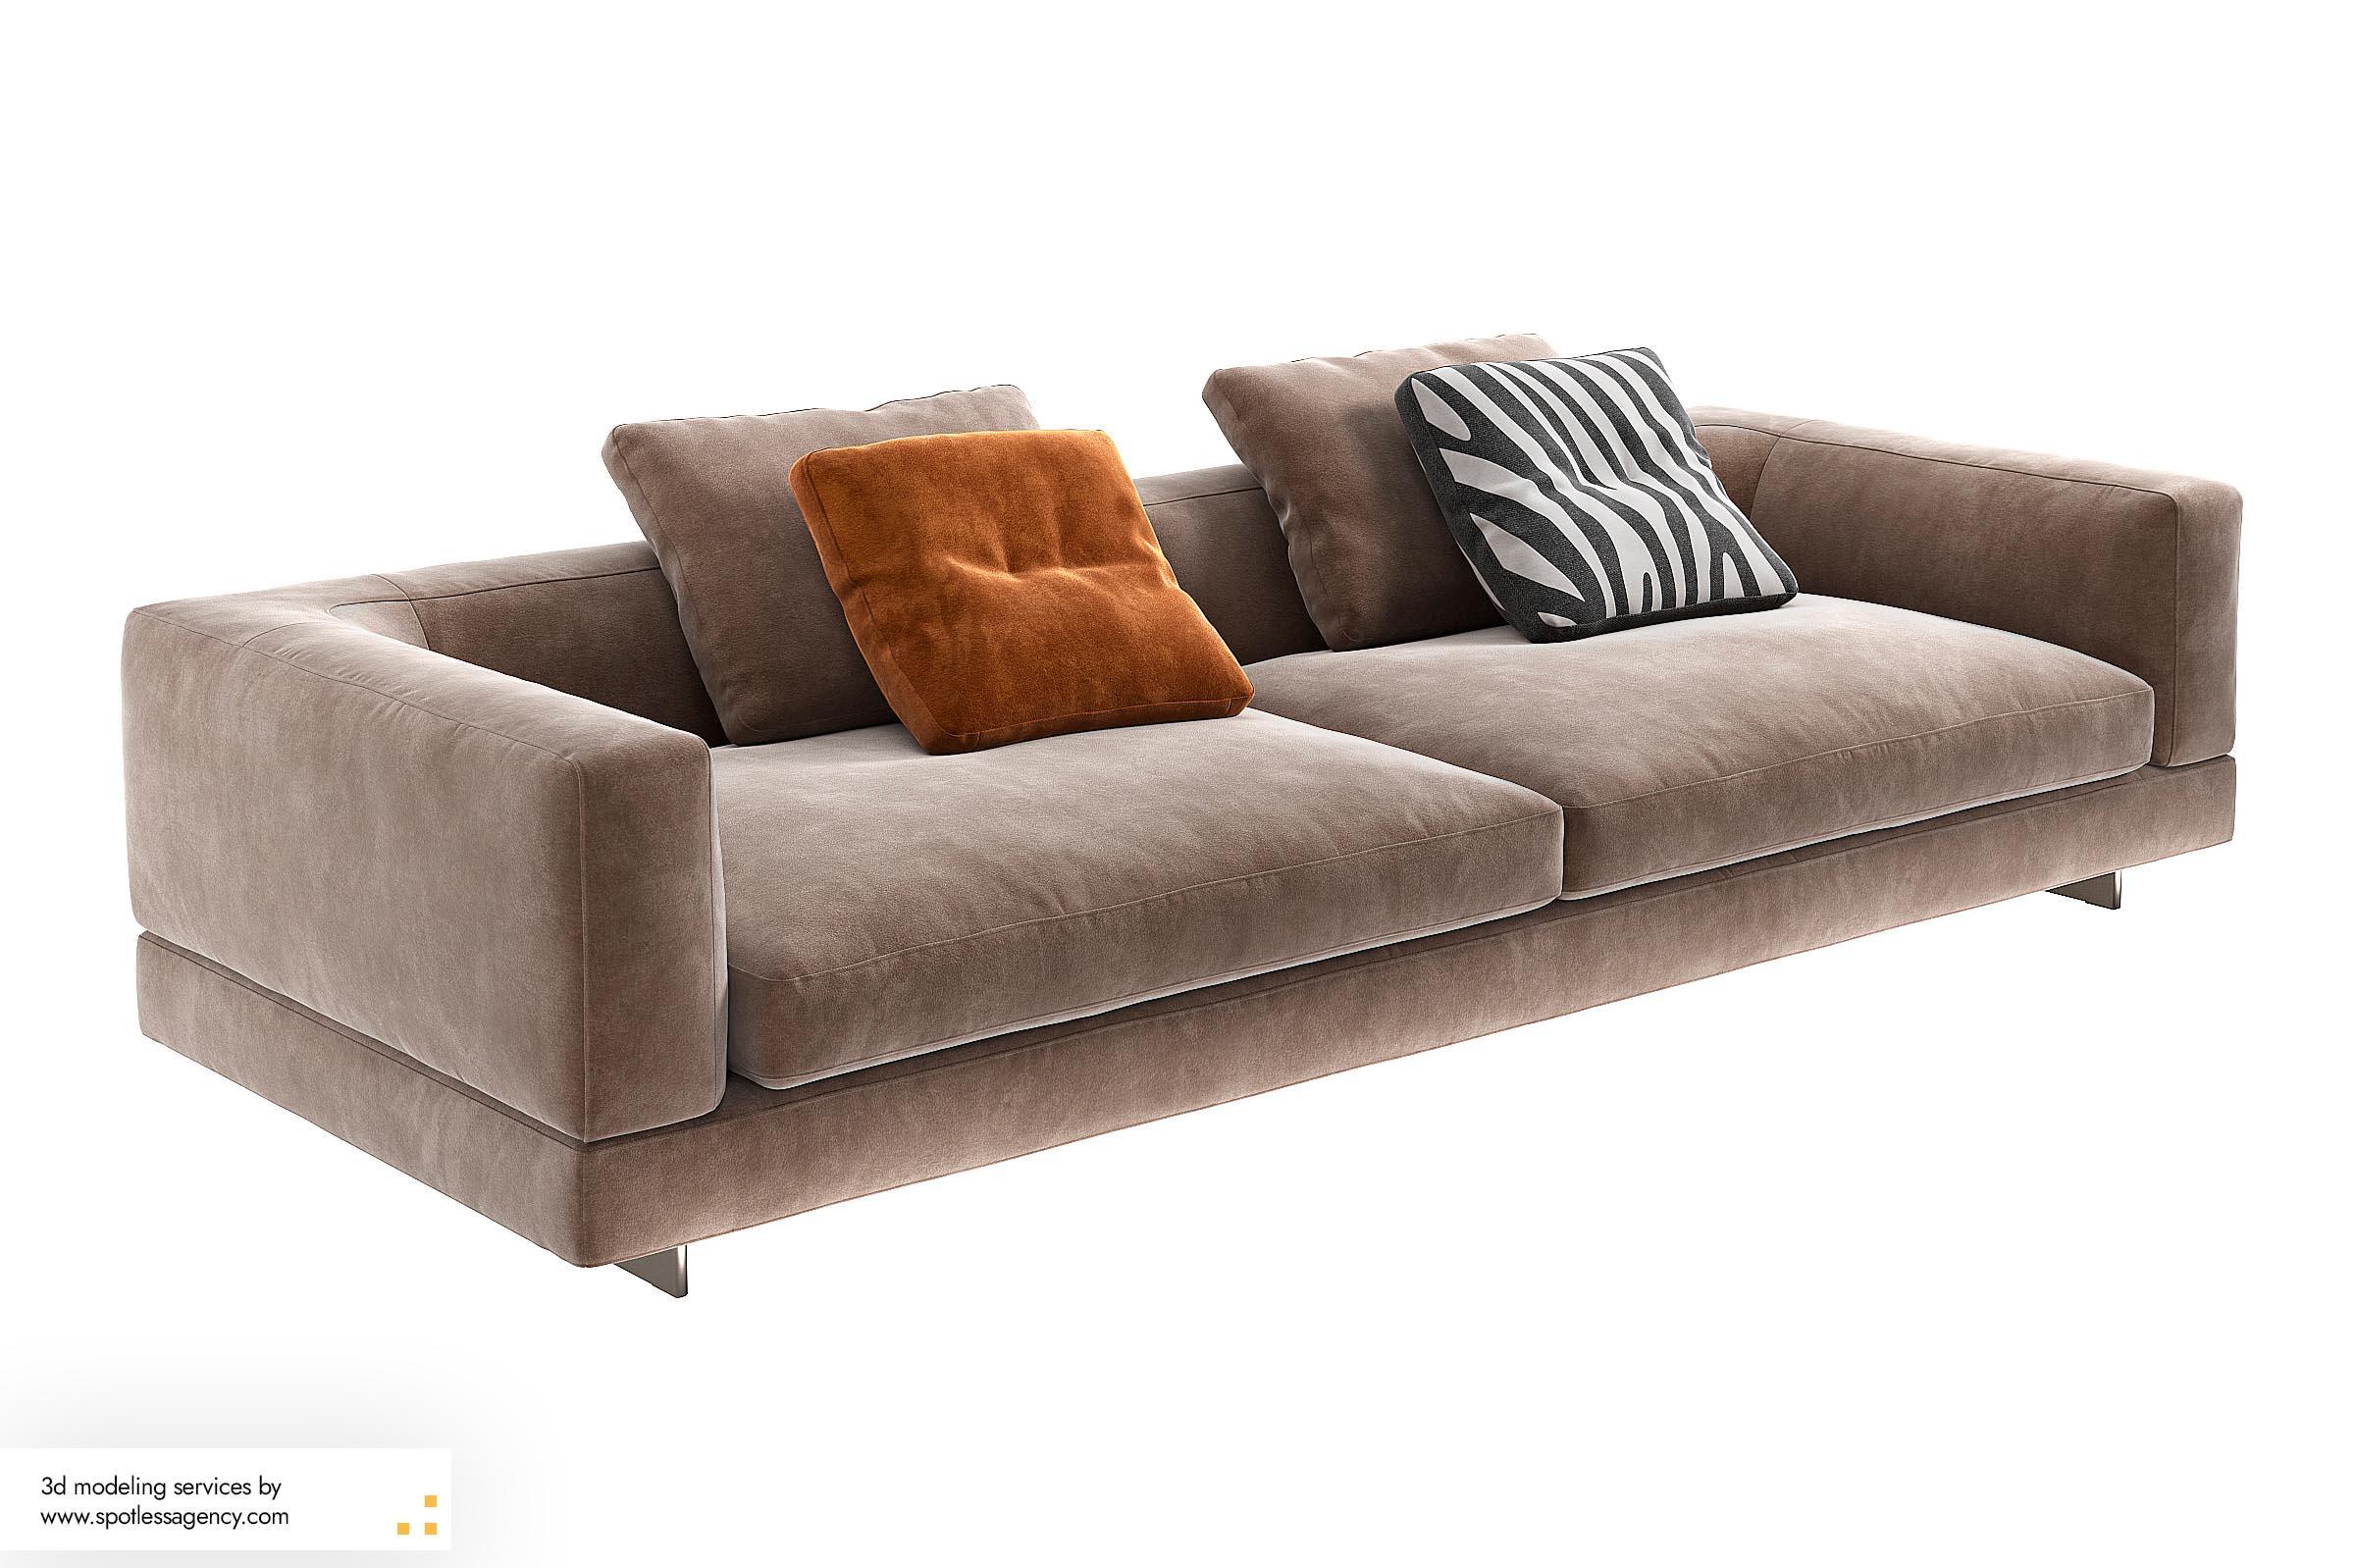 Sofa 3d Model 5